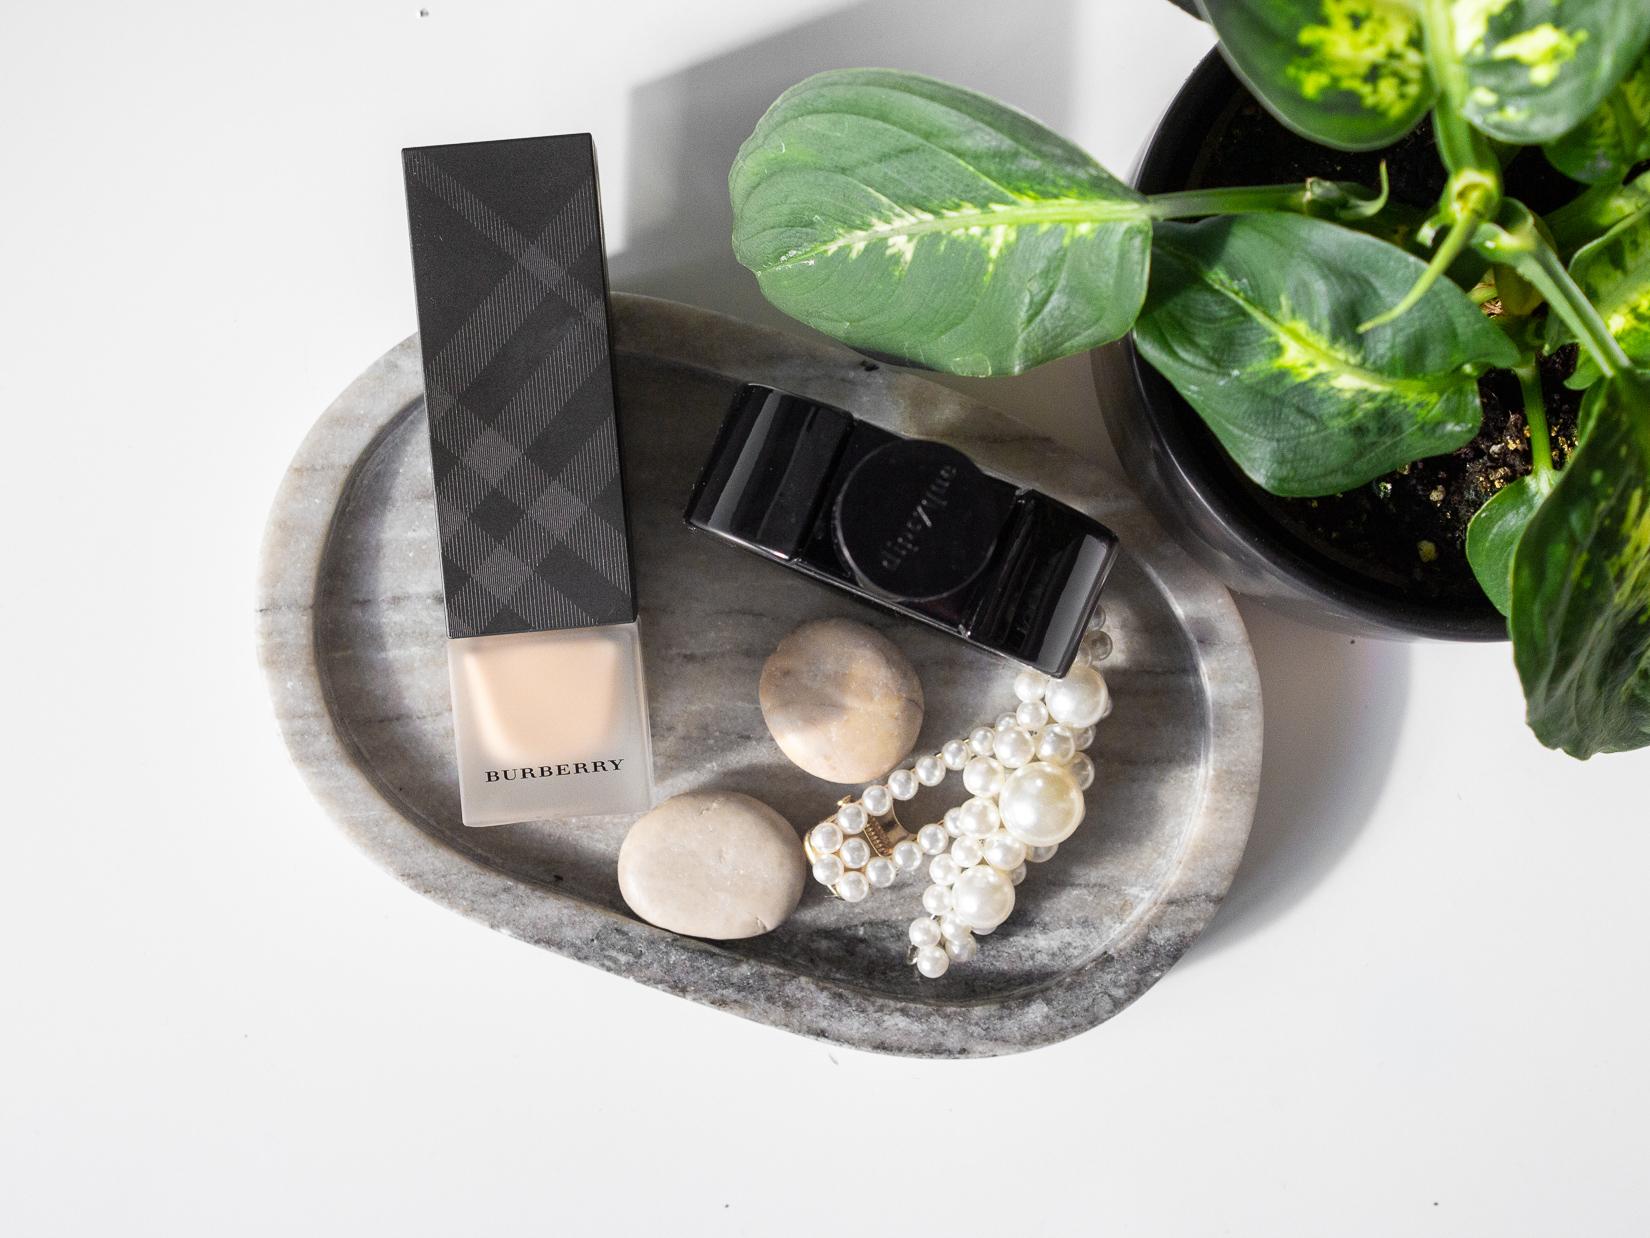 makeup z lookfantastic recenze Burberry